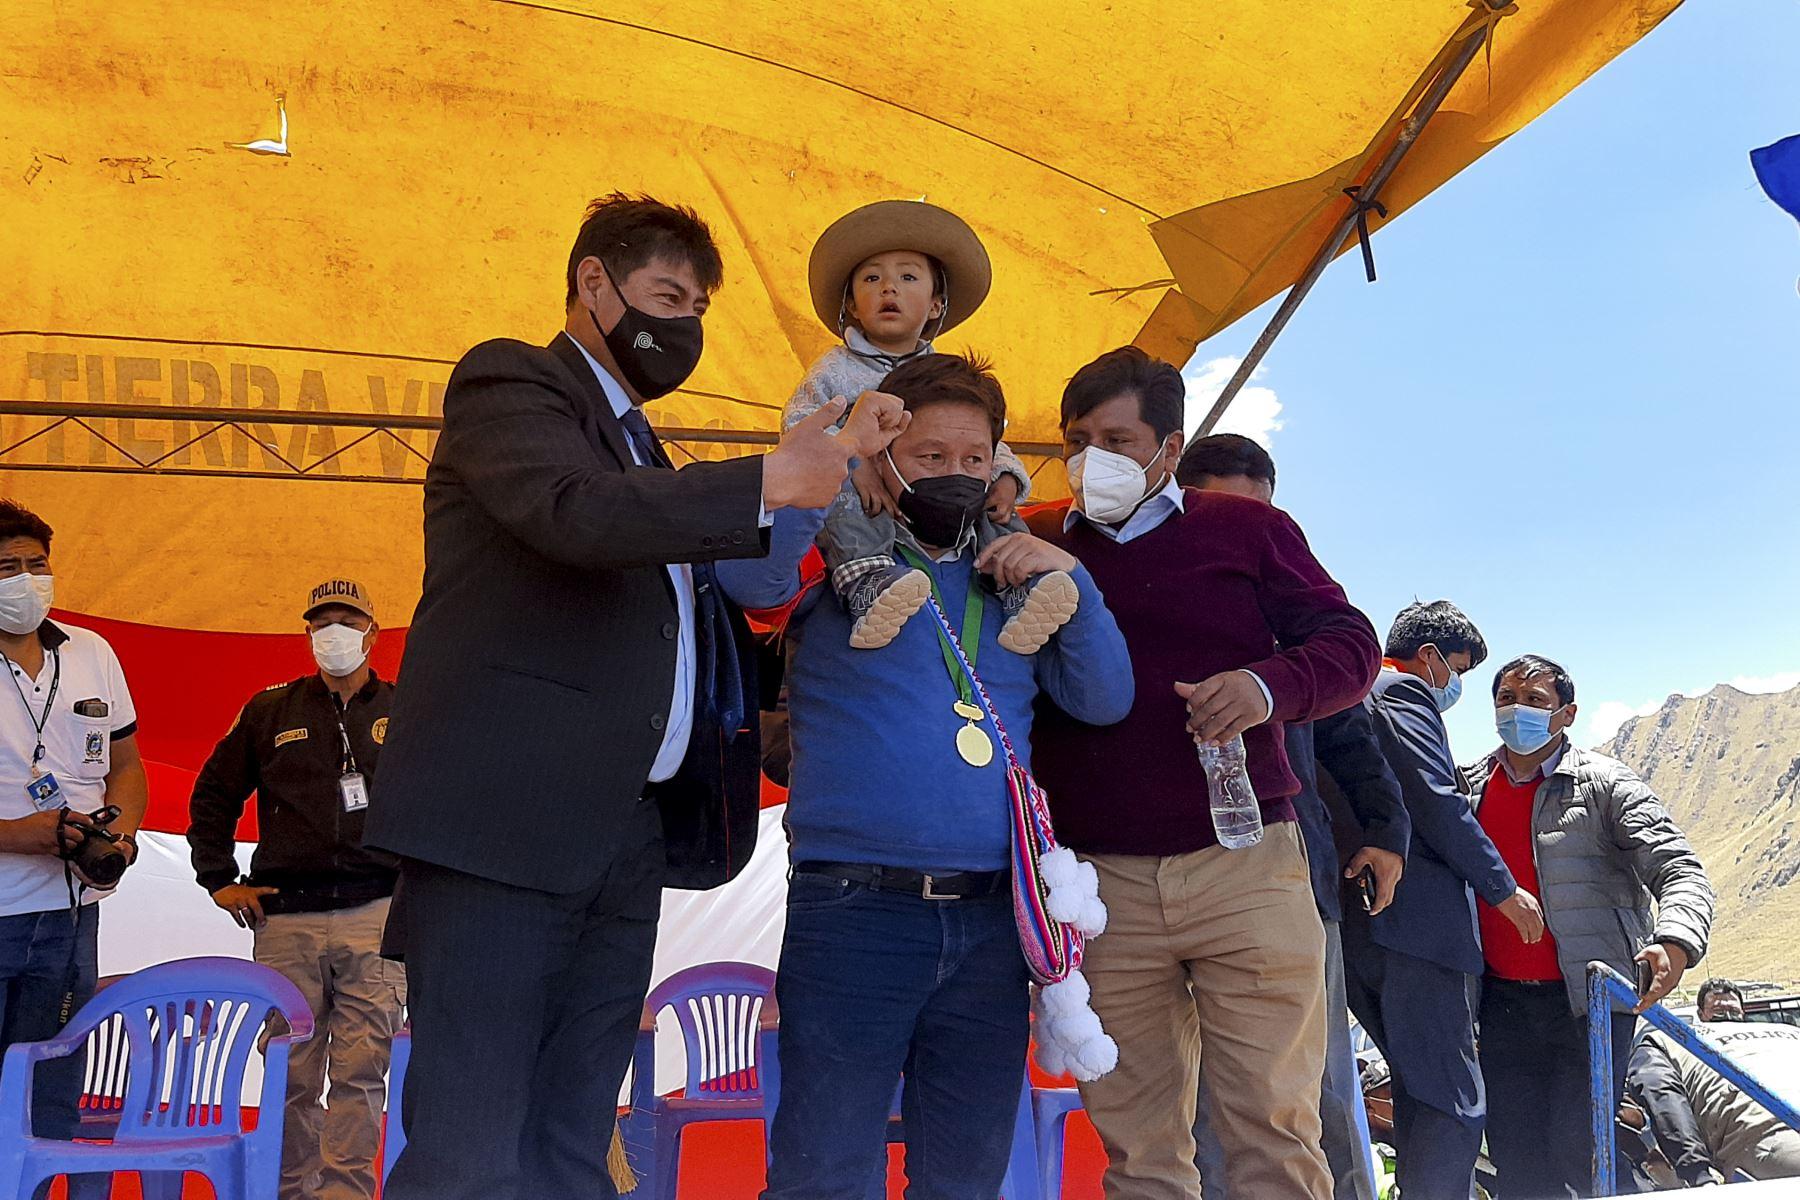 El Titular de la PCM, Guido Bellido, llegó a Puno para la instalación de la Mesa de trabajo para la Implementación del Plan de Acción de la cuenca de Llallimayo y reunión con los alcaldes de la Asociación de Municipalidades de la Zona Norte de este punto del país. Foto: PCM